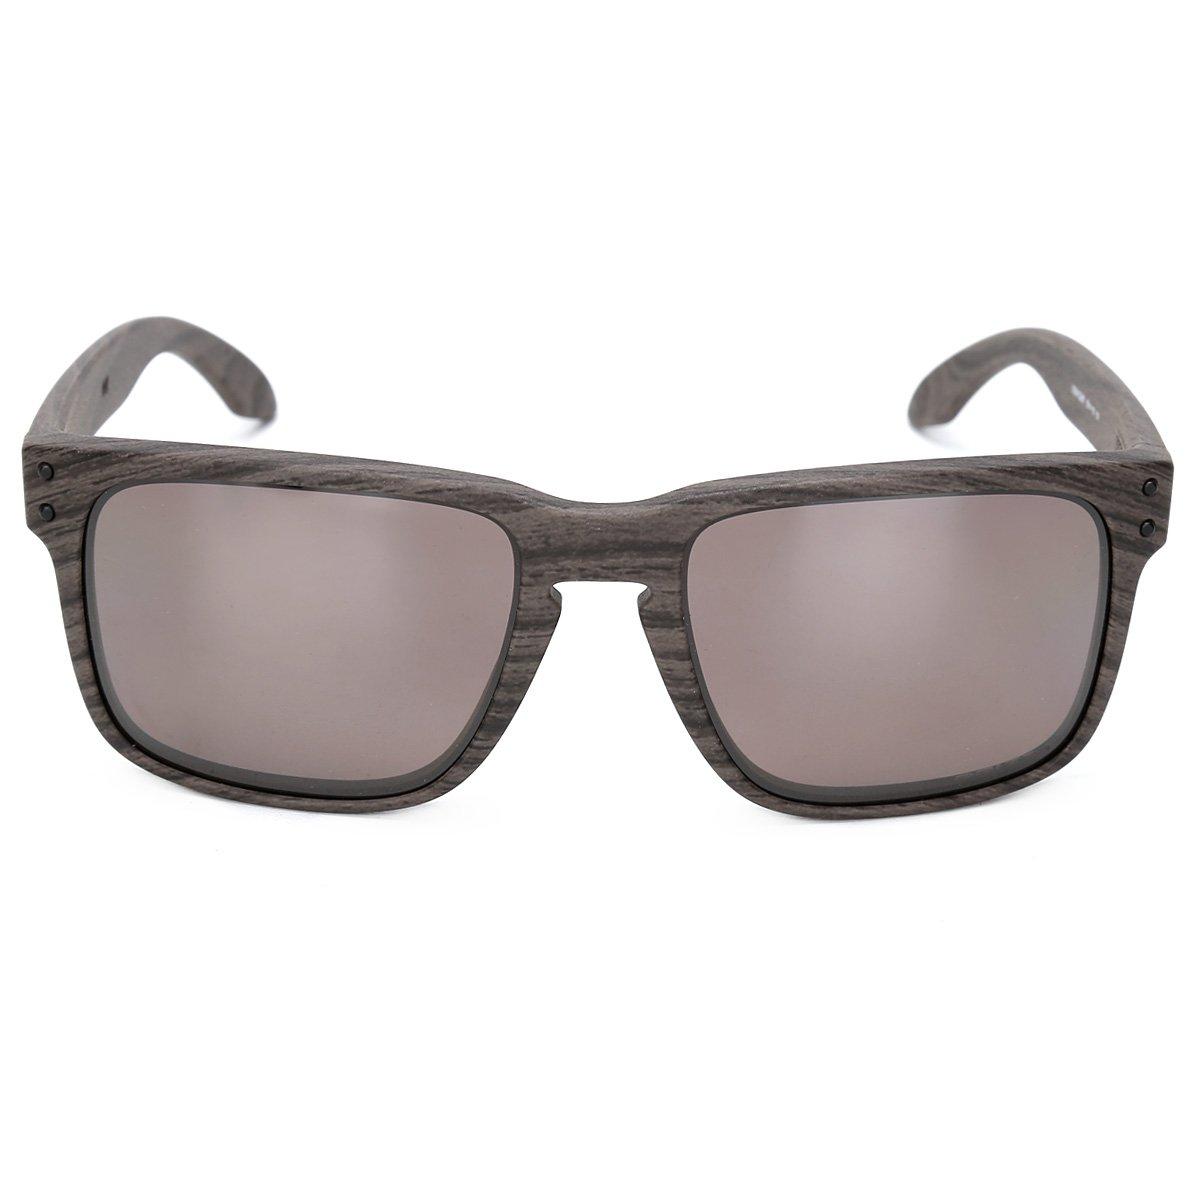 2125df4d3be00 Óculos de Sol Oakley Holbrook Covert Prizm Daily - Compre Agora ...